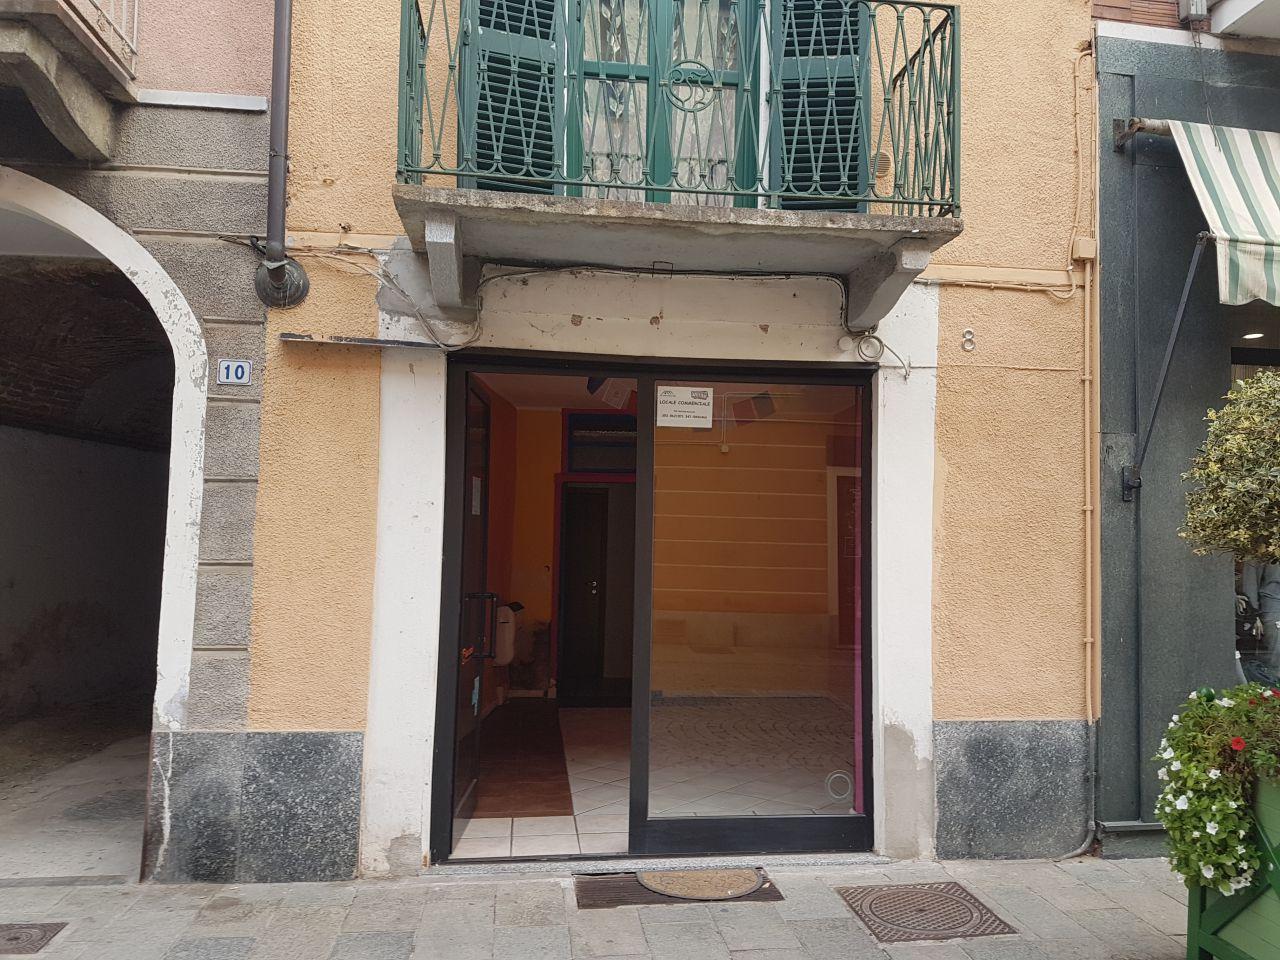 Negozio / Locale in affitto a Chivasso, 1 locali, prezzo € 550 | CambioCasa.it